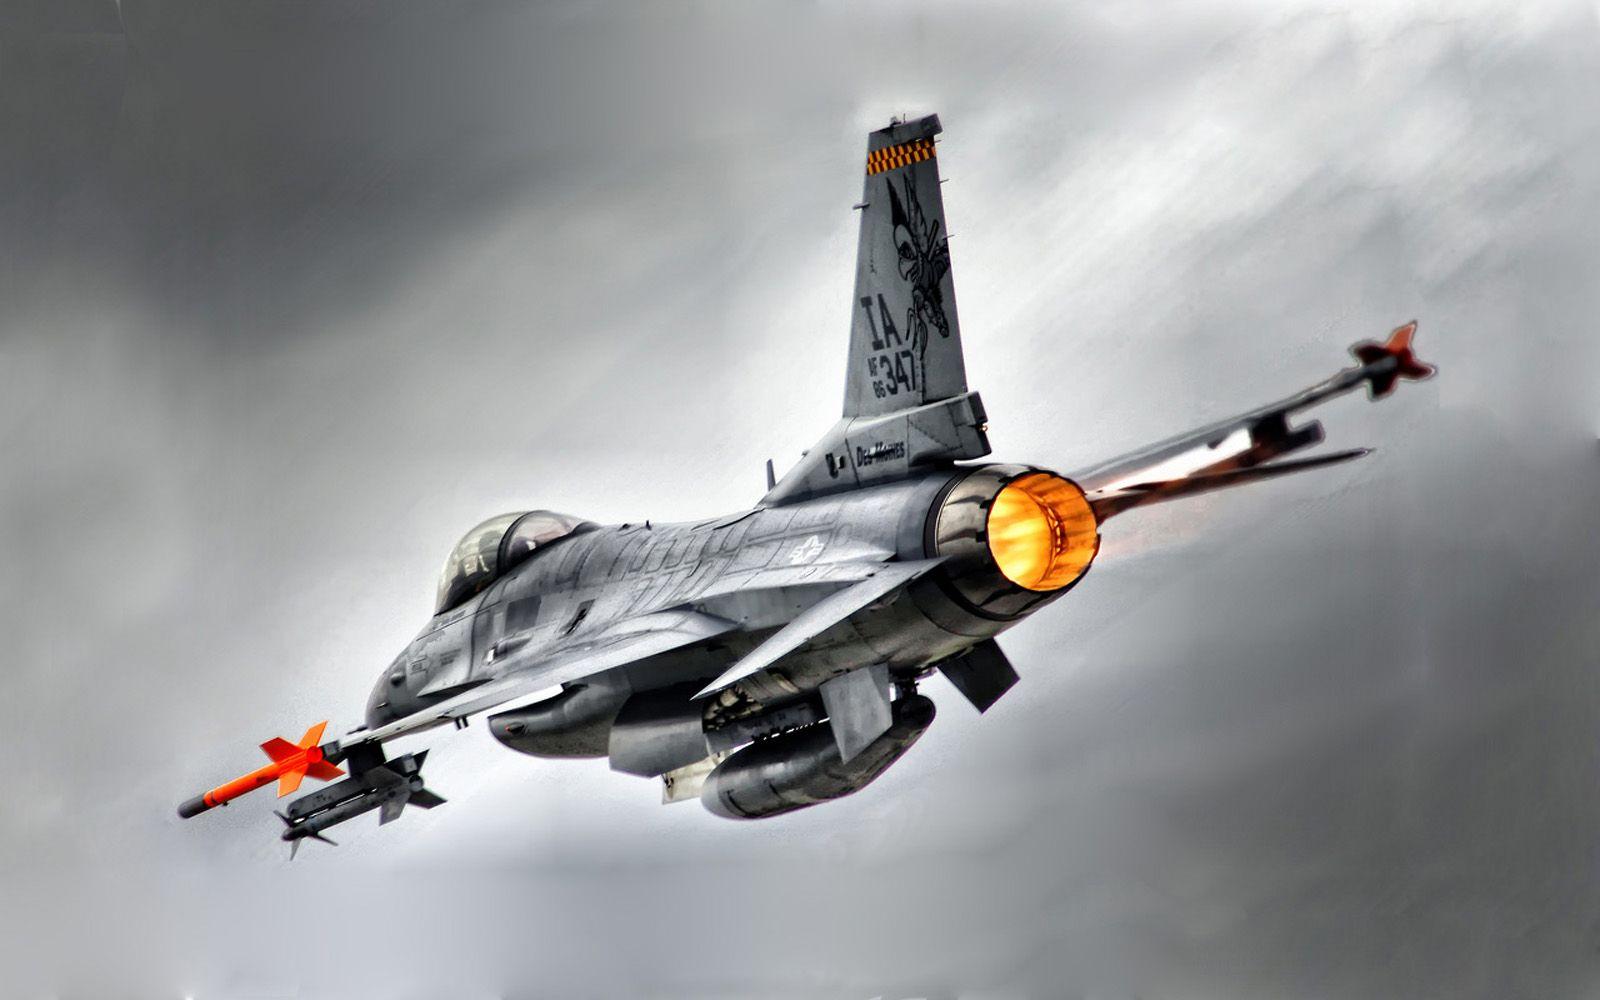 F Fighting Falcon Wallpaper